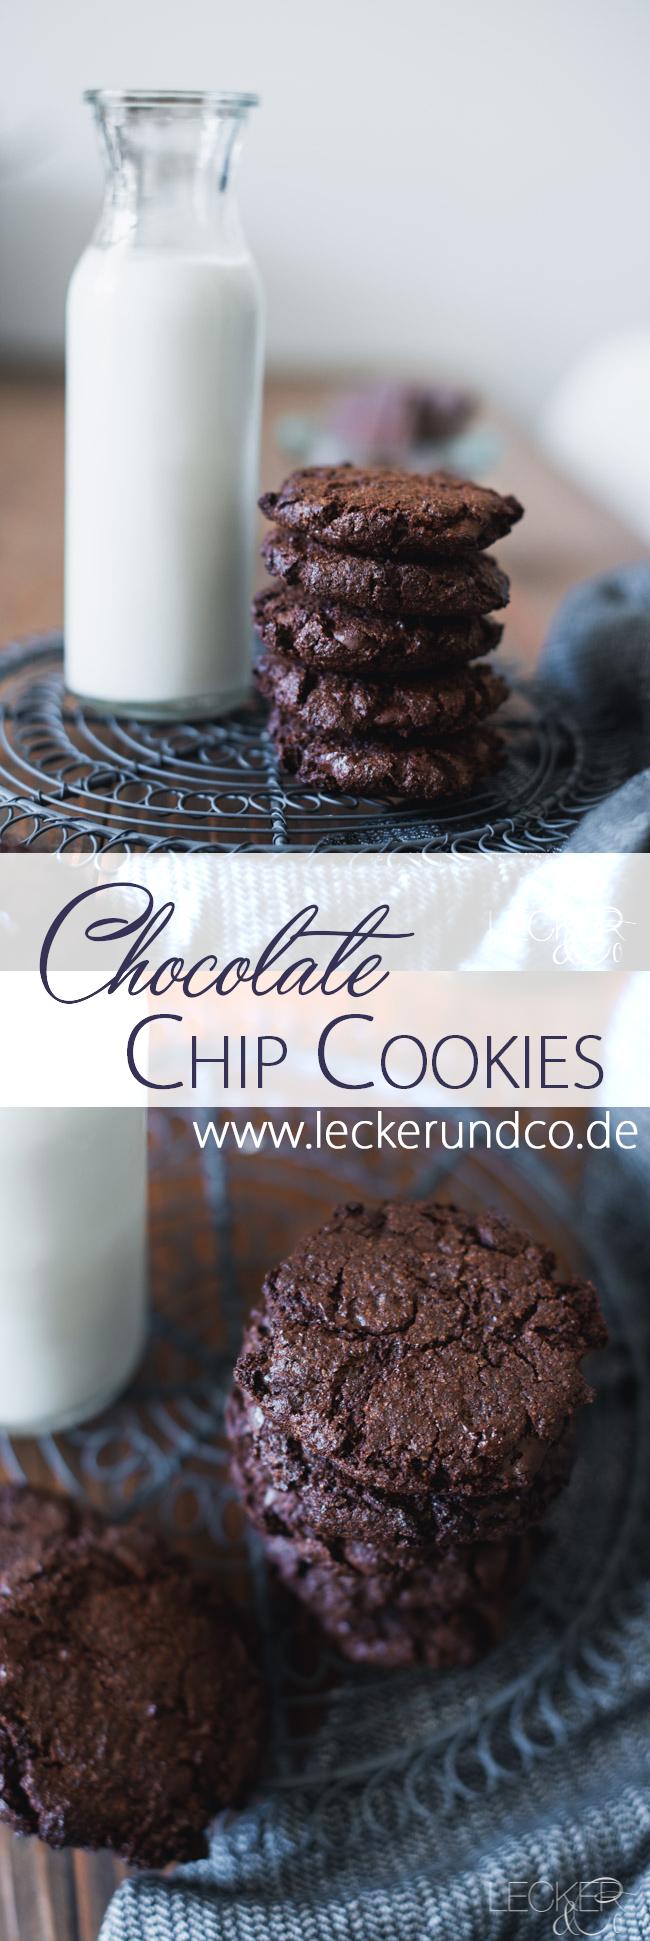 Soft Bröd Rezept : chocolate chip cookies rezept schokoladenkekse lecker und chocolate chip cookies ~ Watch28wear.com Haus und Dekorationen